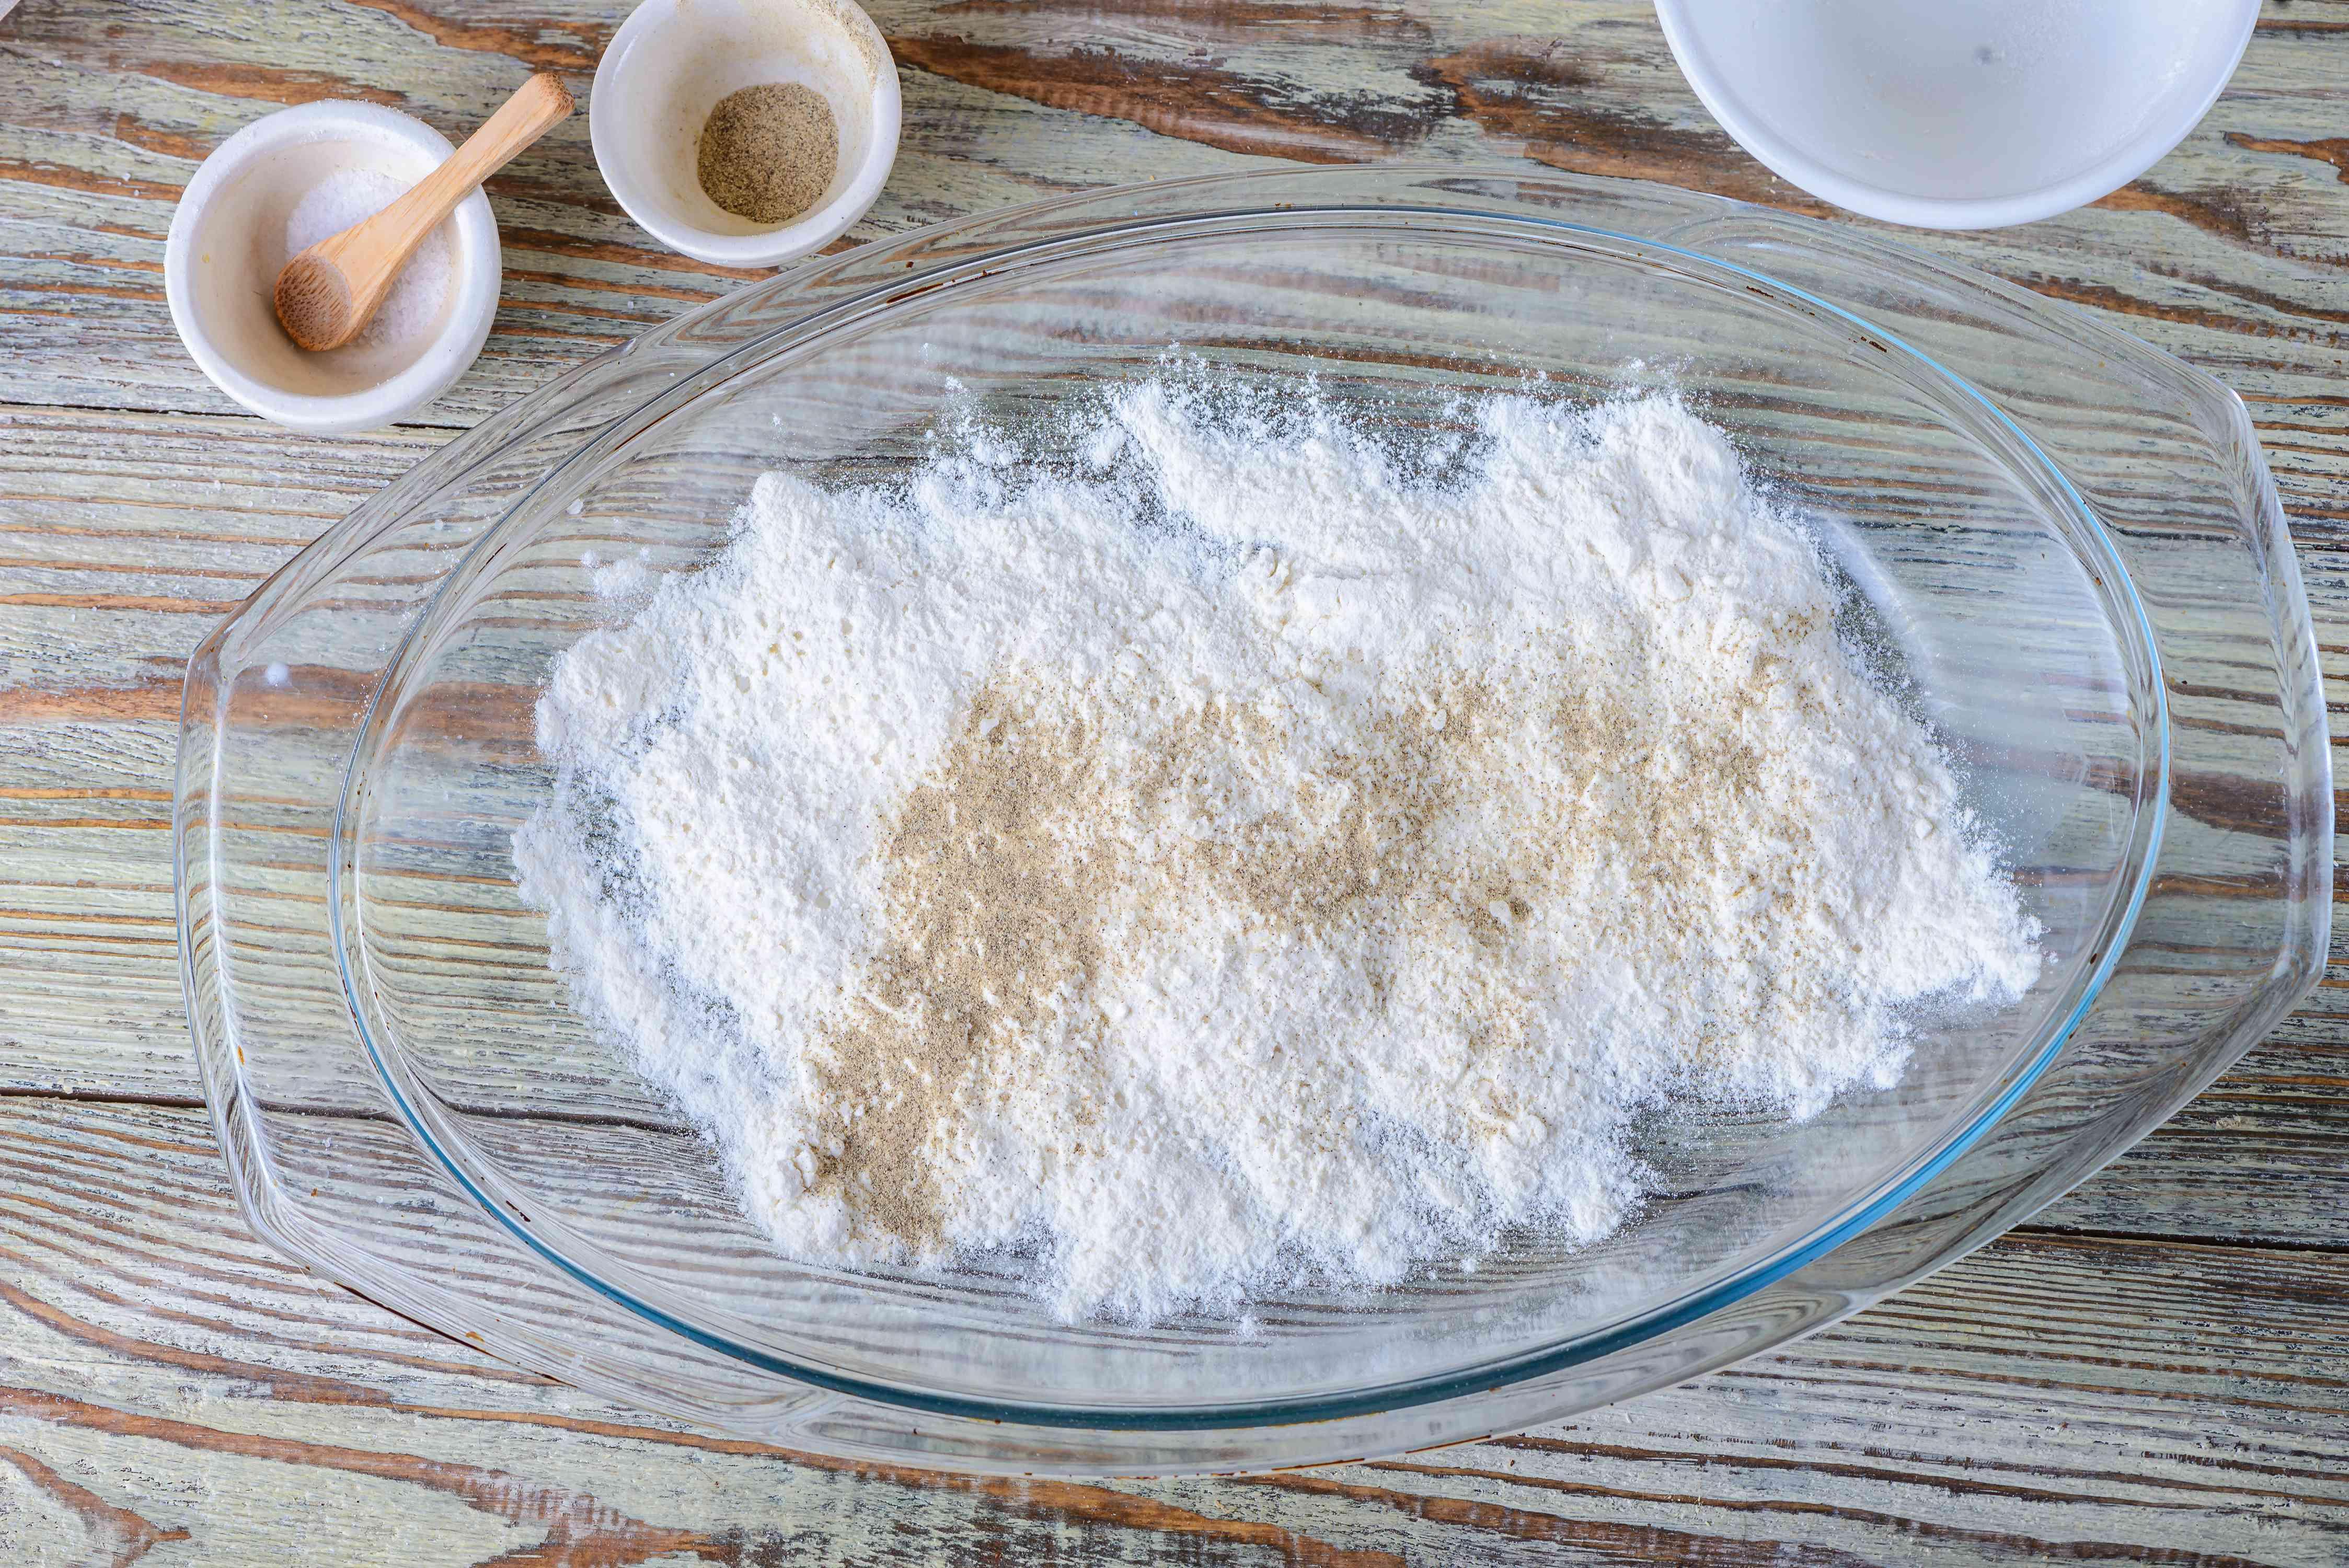 Spread flour